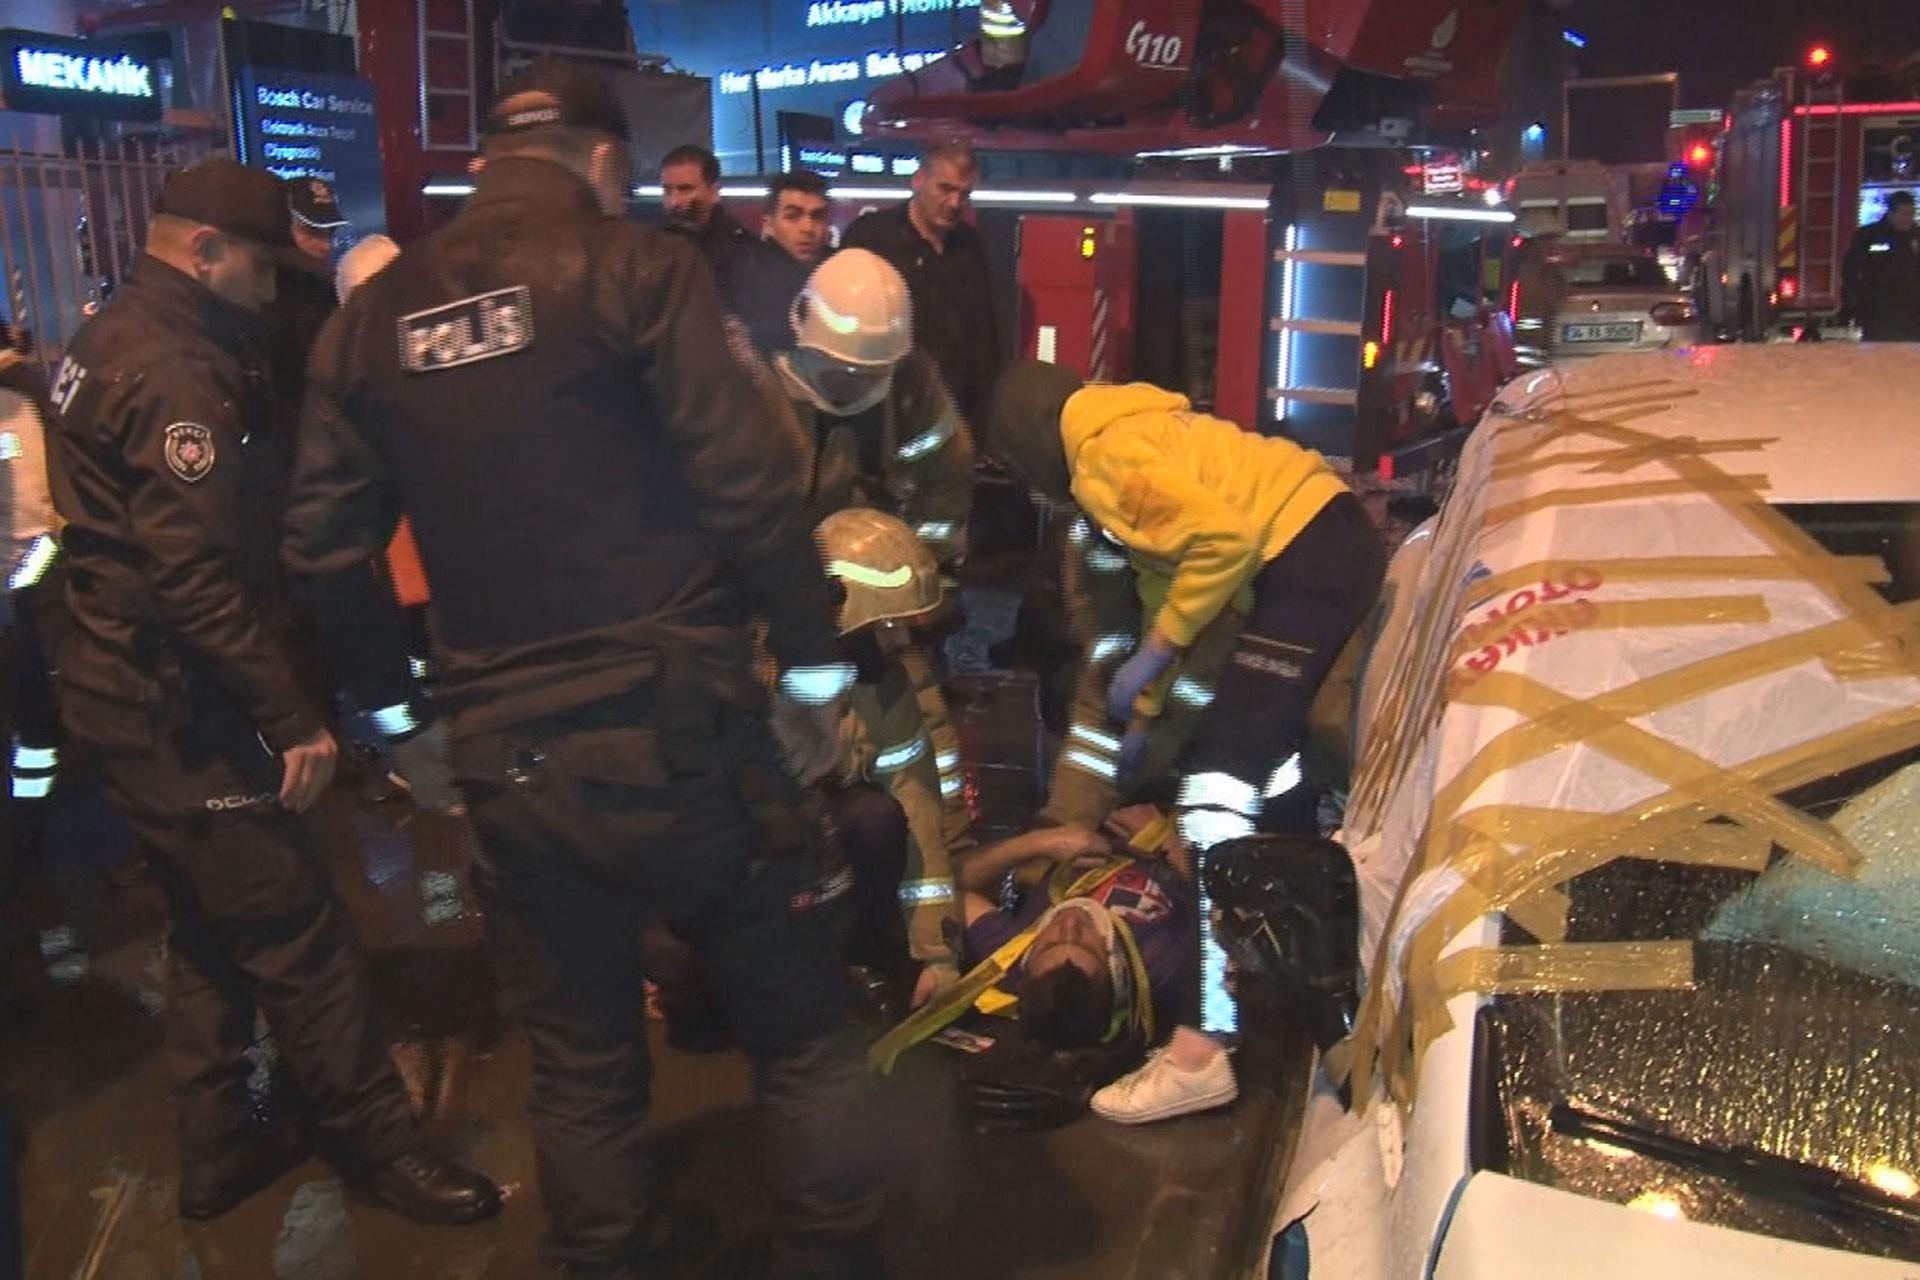 Güngören'de teksil atölyesindeki çıkan yangından yaralanan işçi